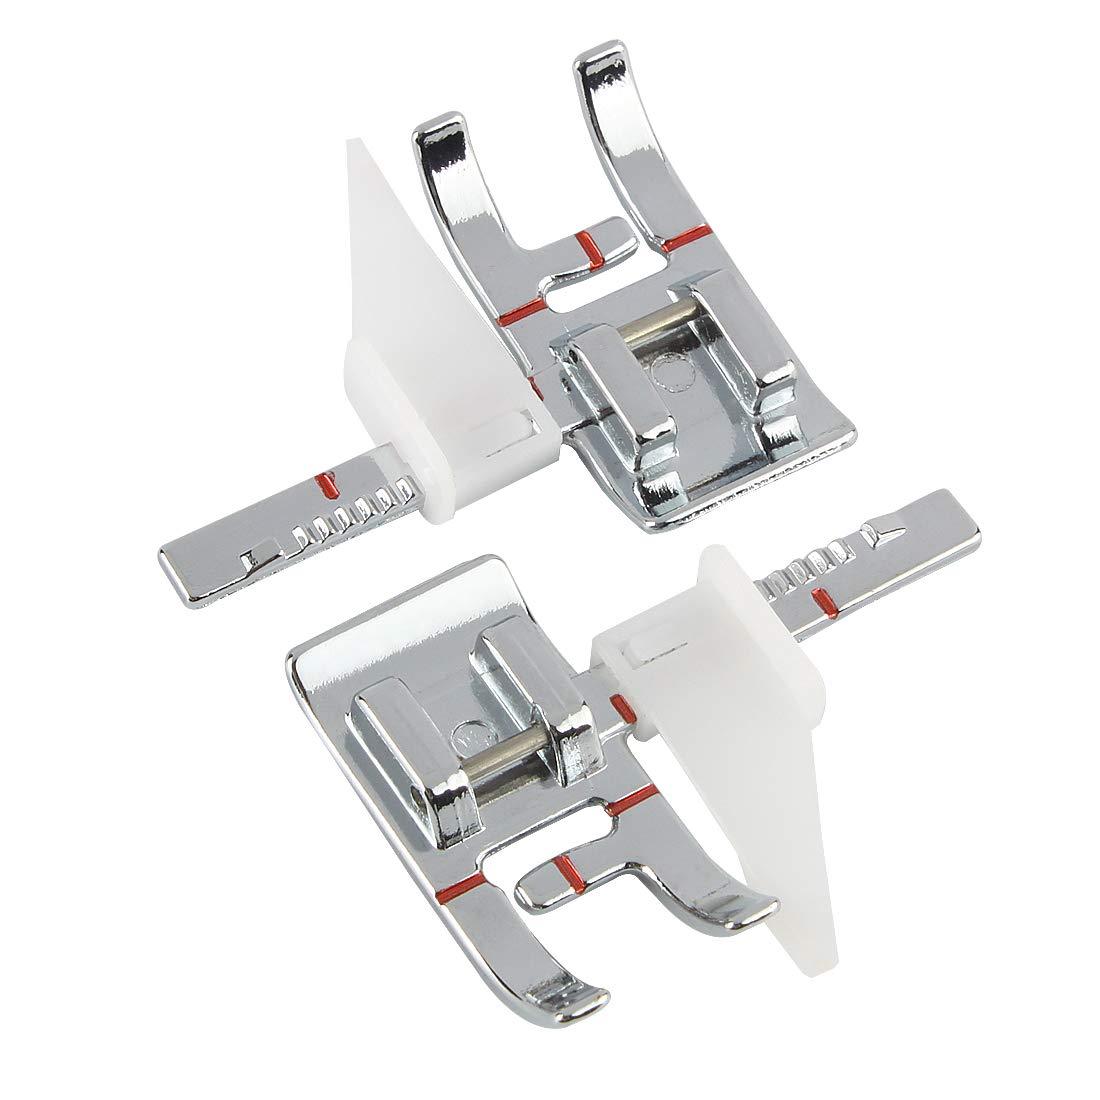 Andux Gu/ía ajustable M/áquina de coser Prensatelas DGYJ-01 Paquetes de 2